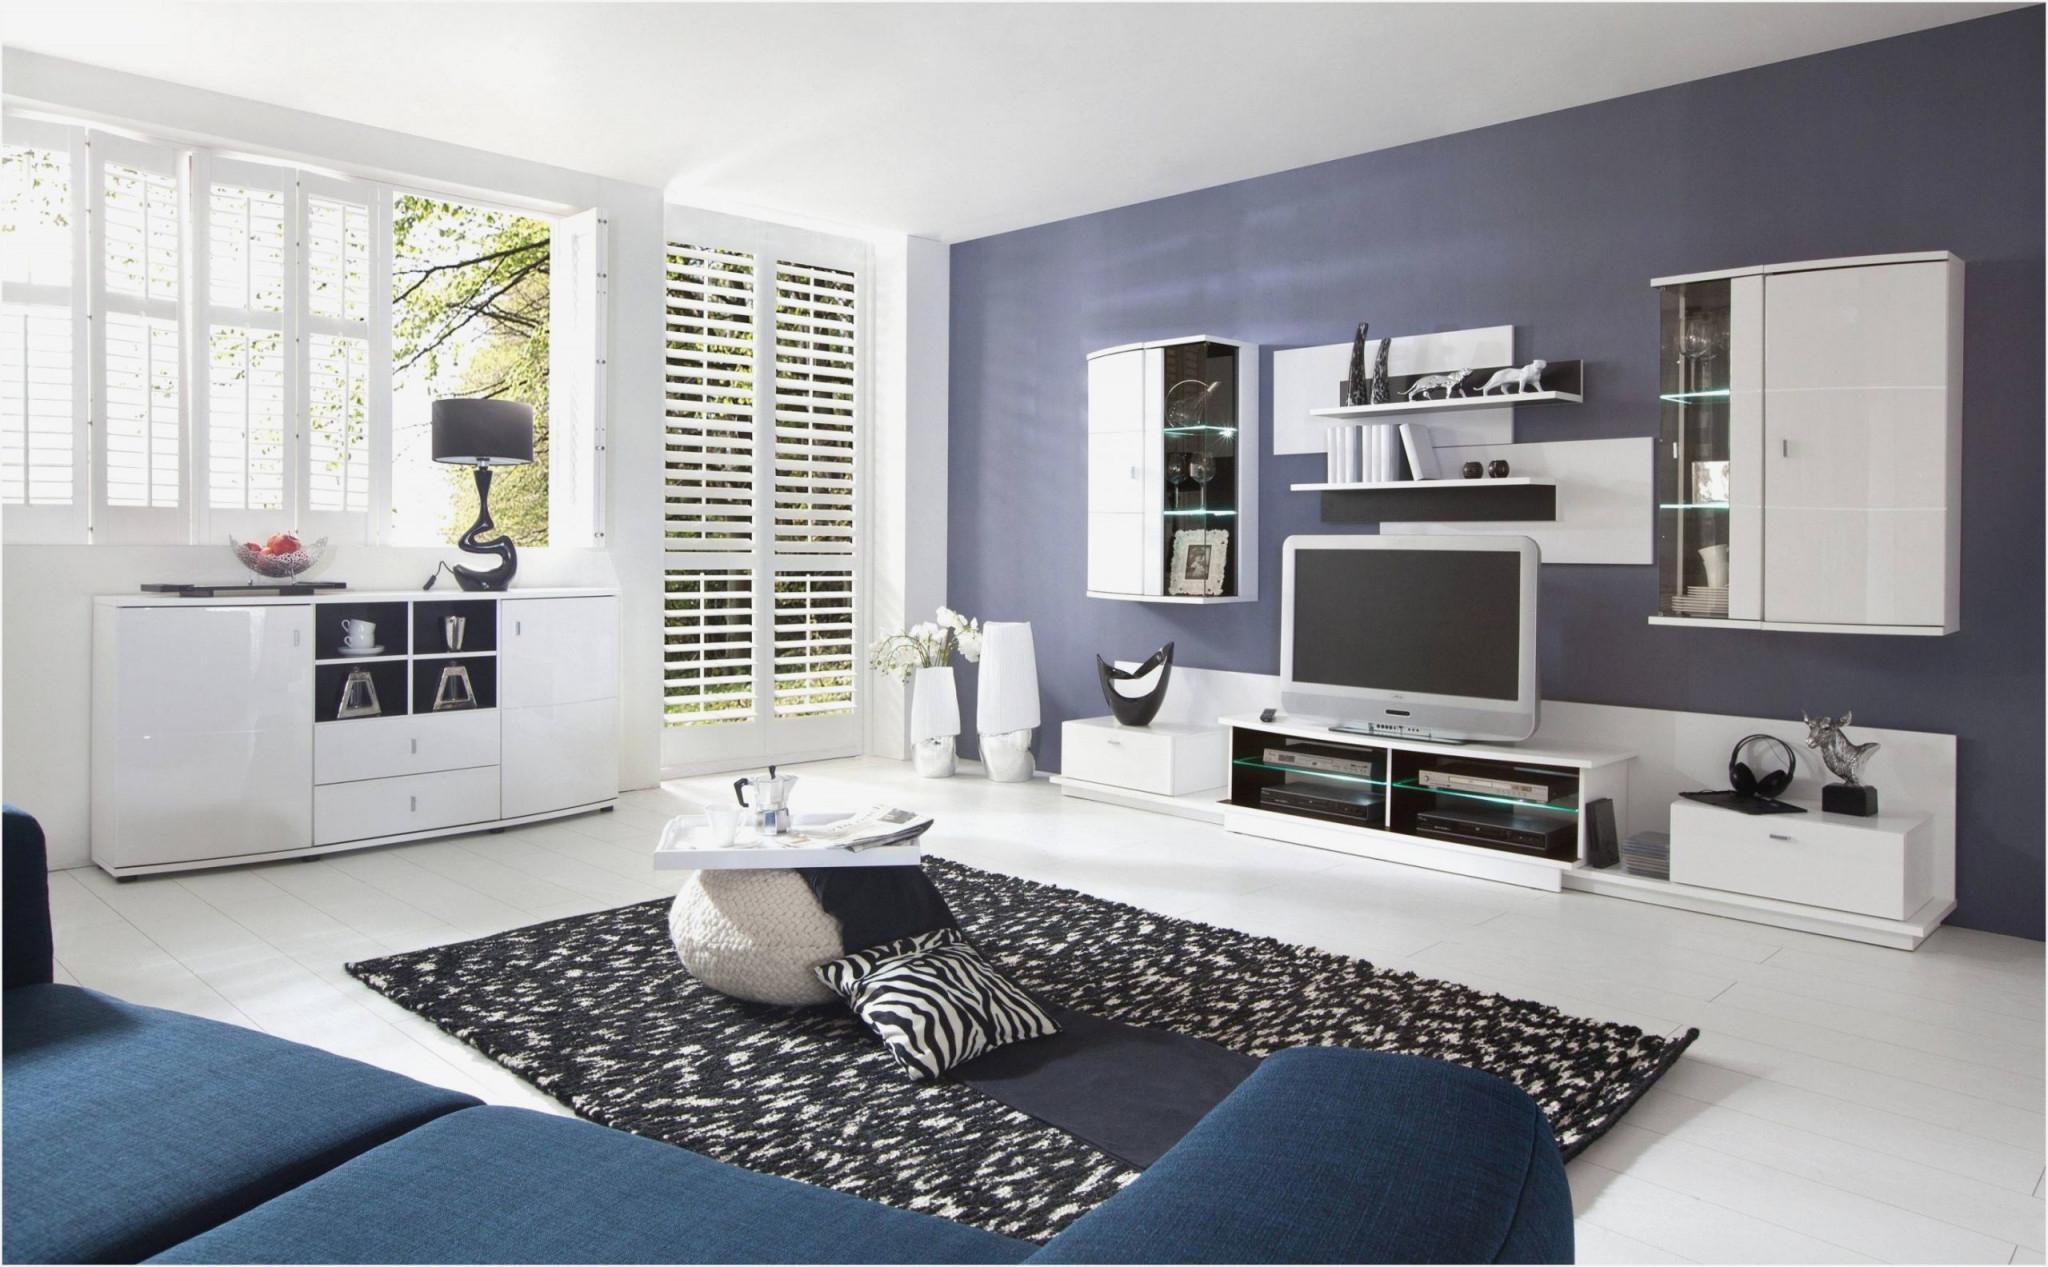 Wohnzimmer Wohnwand Ideen  Wohnzimmer  Traumhaus von Wohnzimmer Wohnwand Ideen Photo